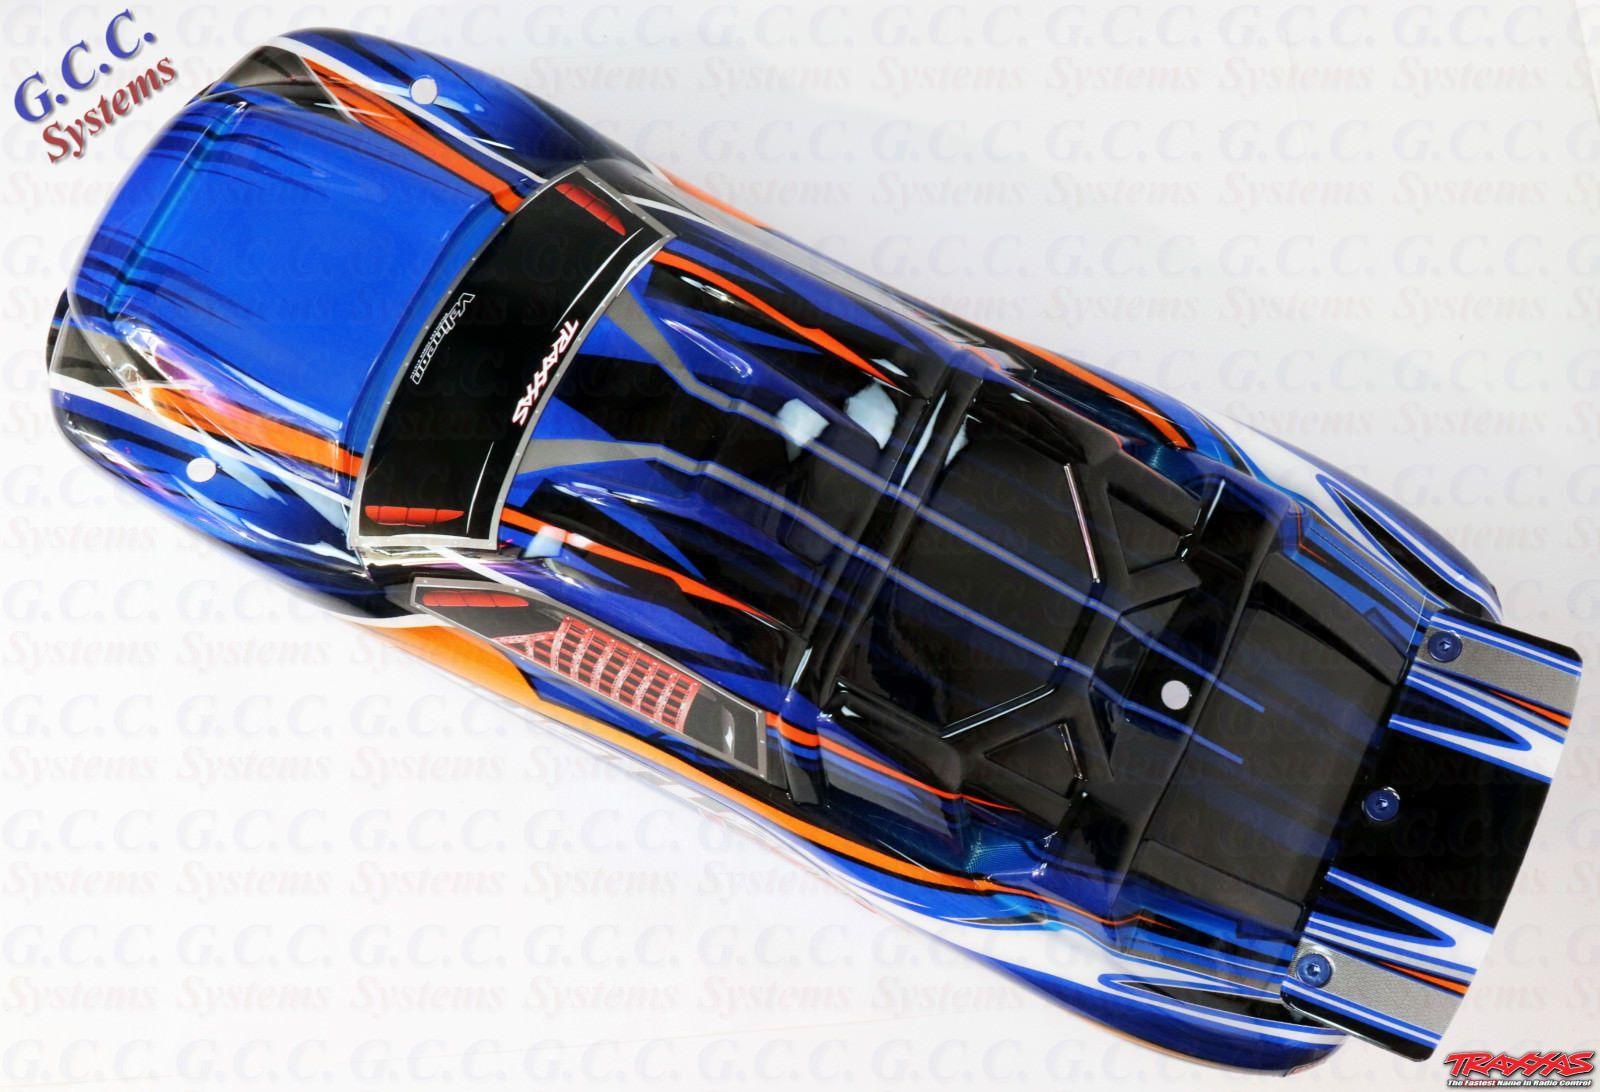 Genuine Traxxas Rustler Vxl Blue Orange Body Shell Brand New